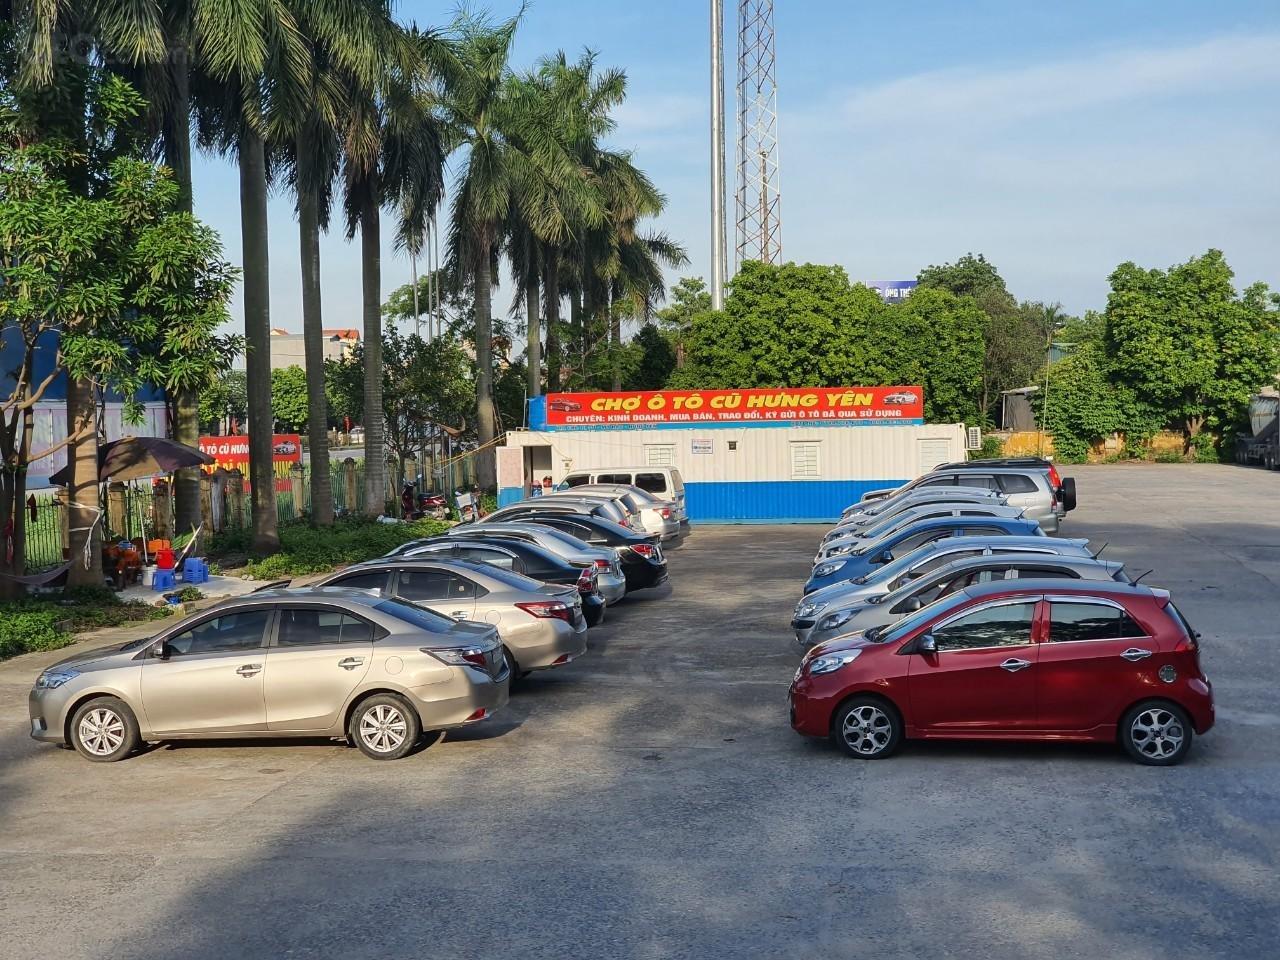 Chợ Ô tô cũ Hưng Yên (7)